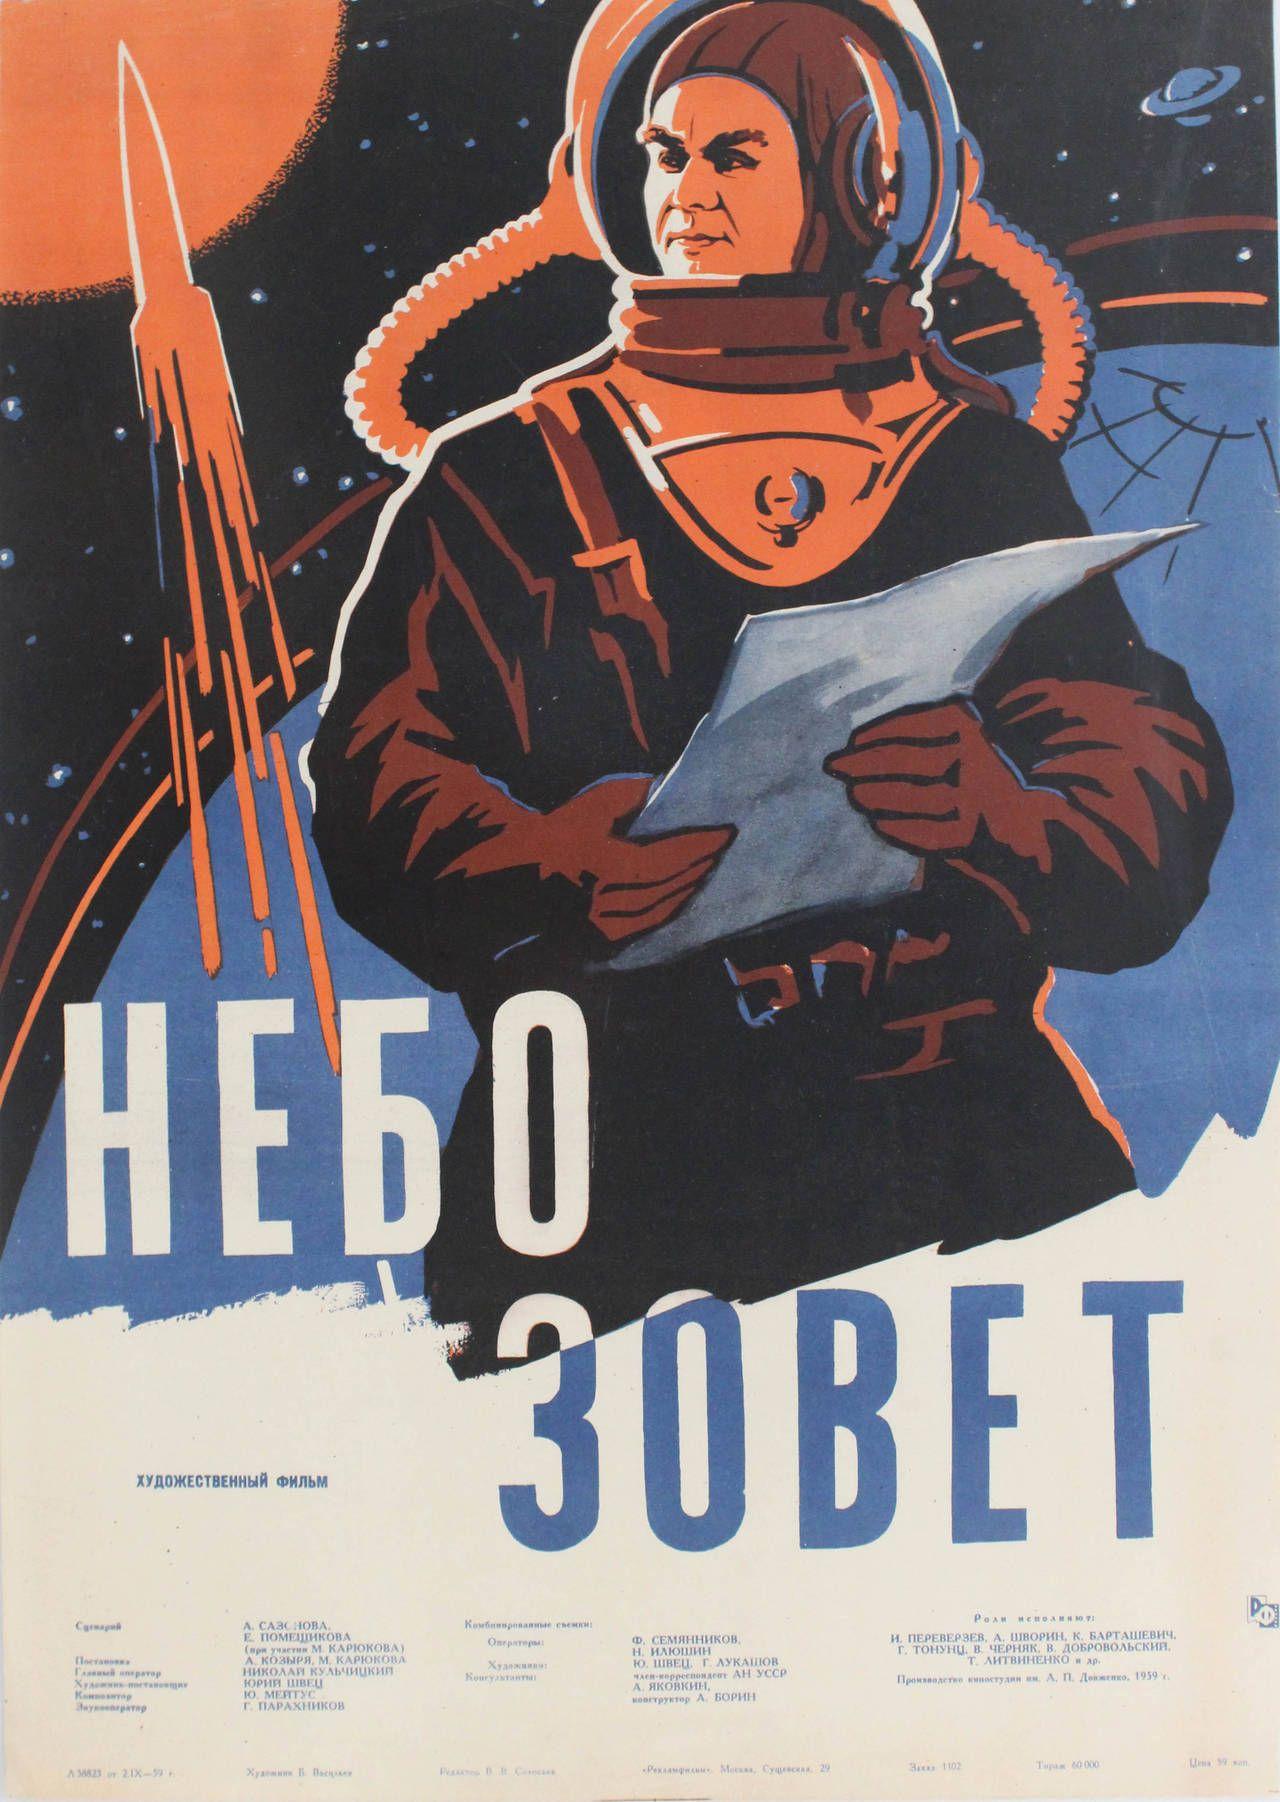 The best Soviet science fiction movie. Third round 1